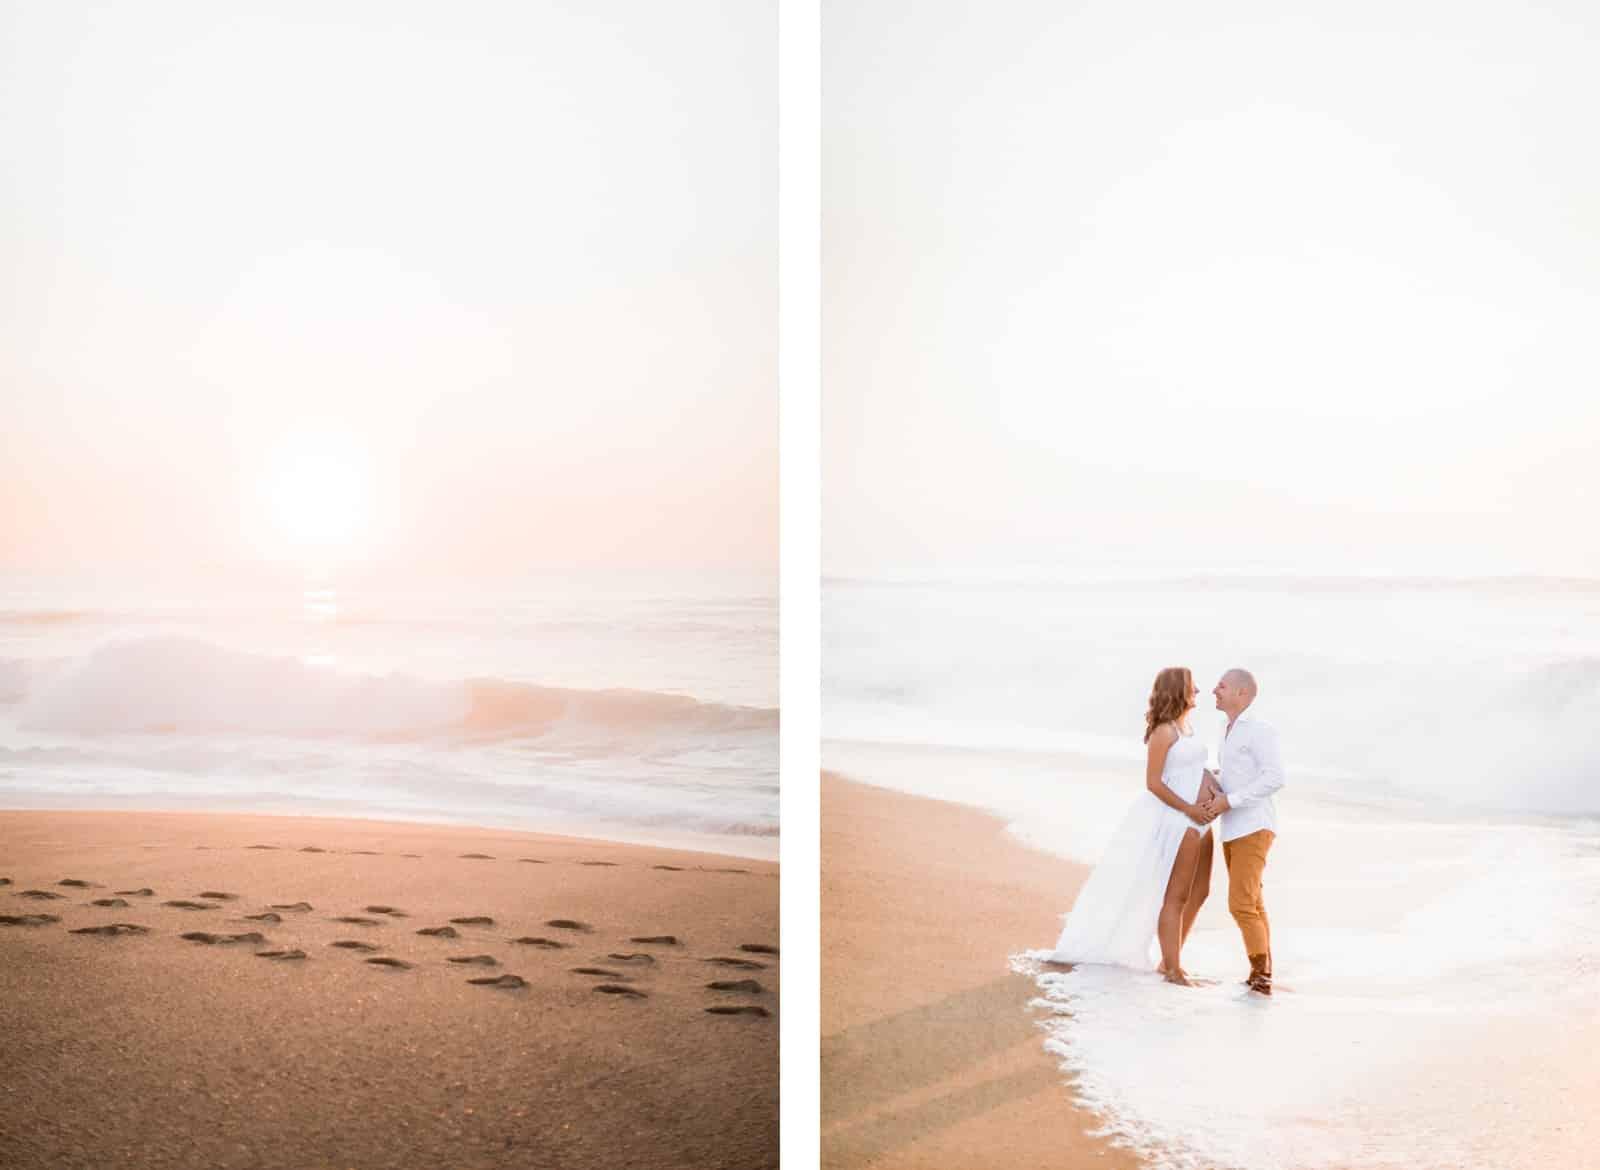 Photographie de Mathieu Dété, photographe de mariage et famille à Saint-Gilles de la Réunion 974, présentant des futurs parents amoureux sur la plage de Labenne dans les Landes lors d'une séance grossesse